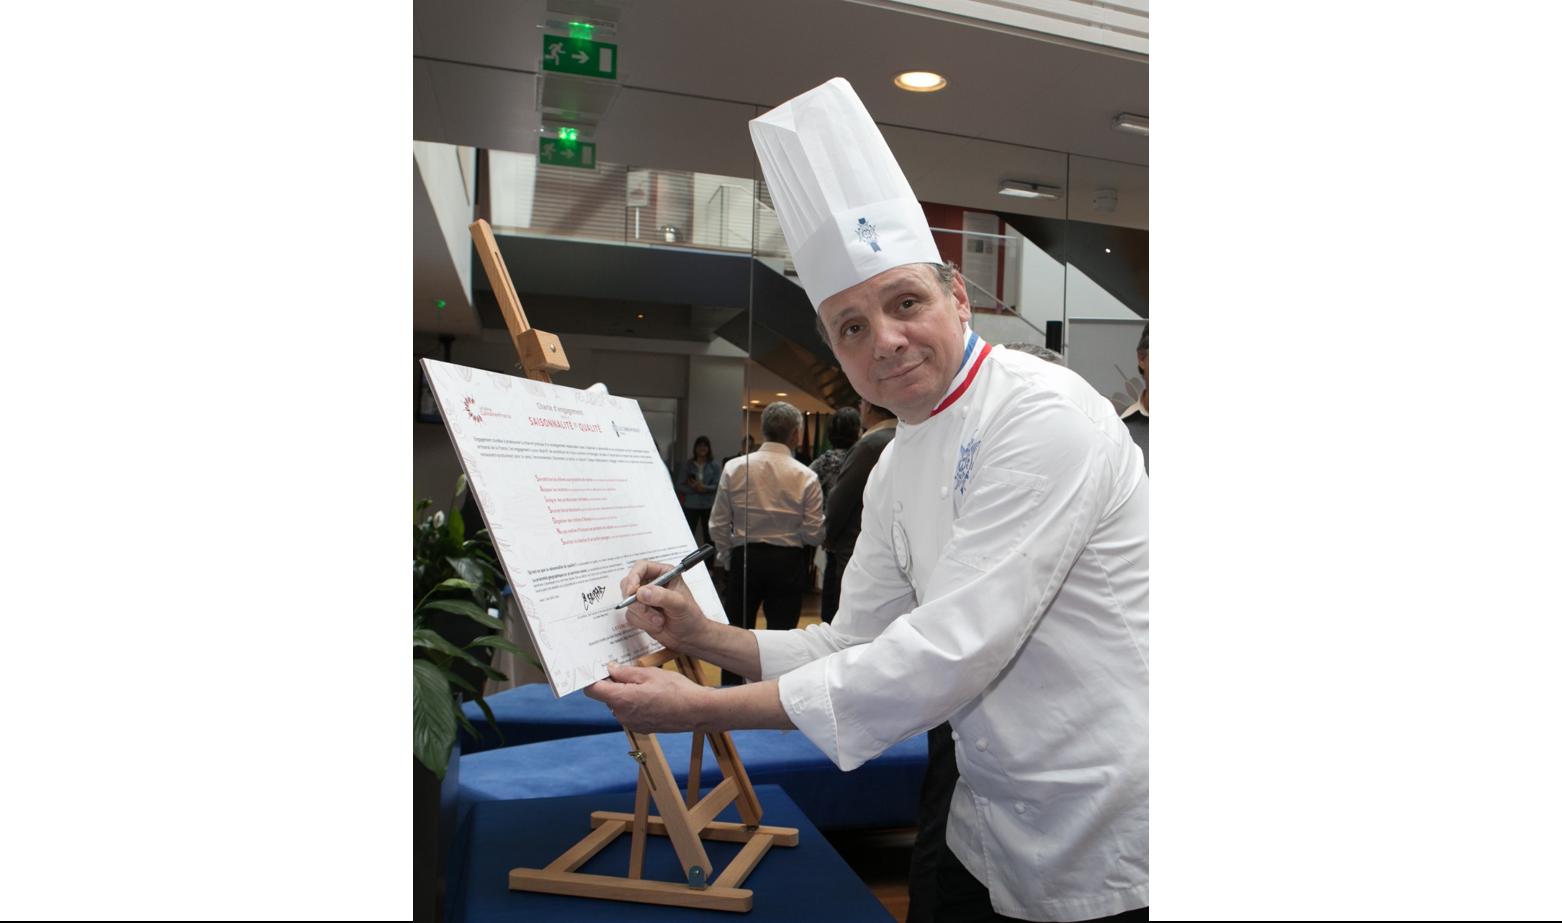 Eric Briffard, Chef Exécutif et Directeur des Arts Culinaires à l'Ecole Le Cordon Bleu Paris